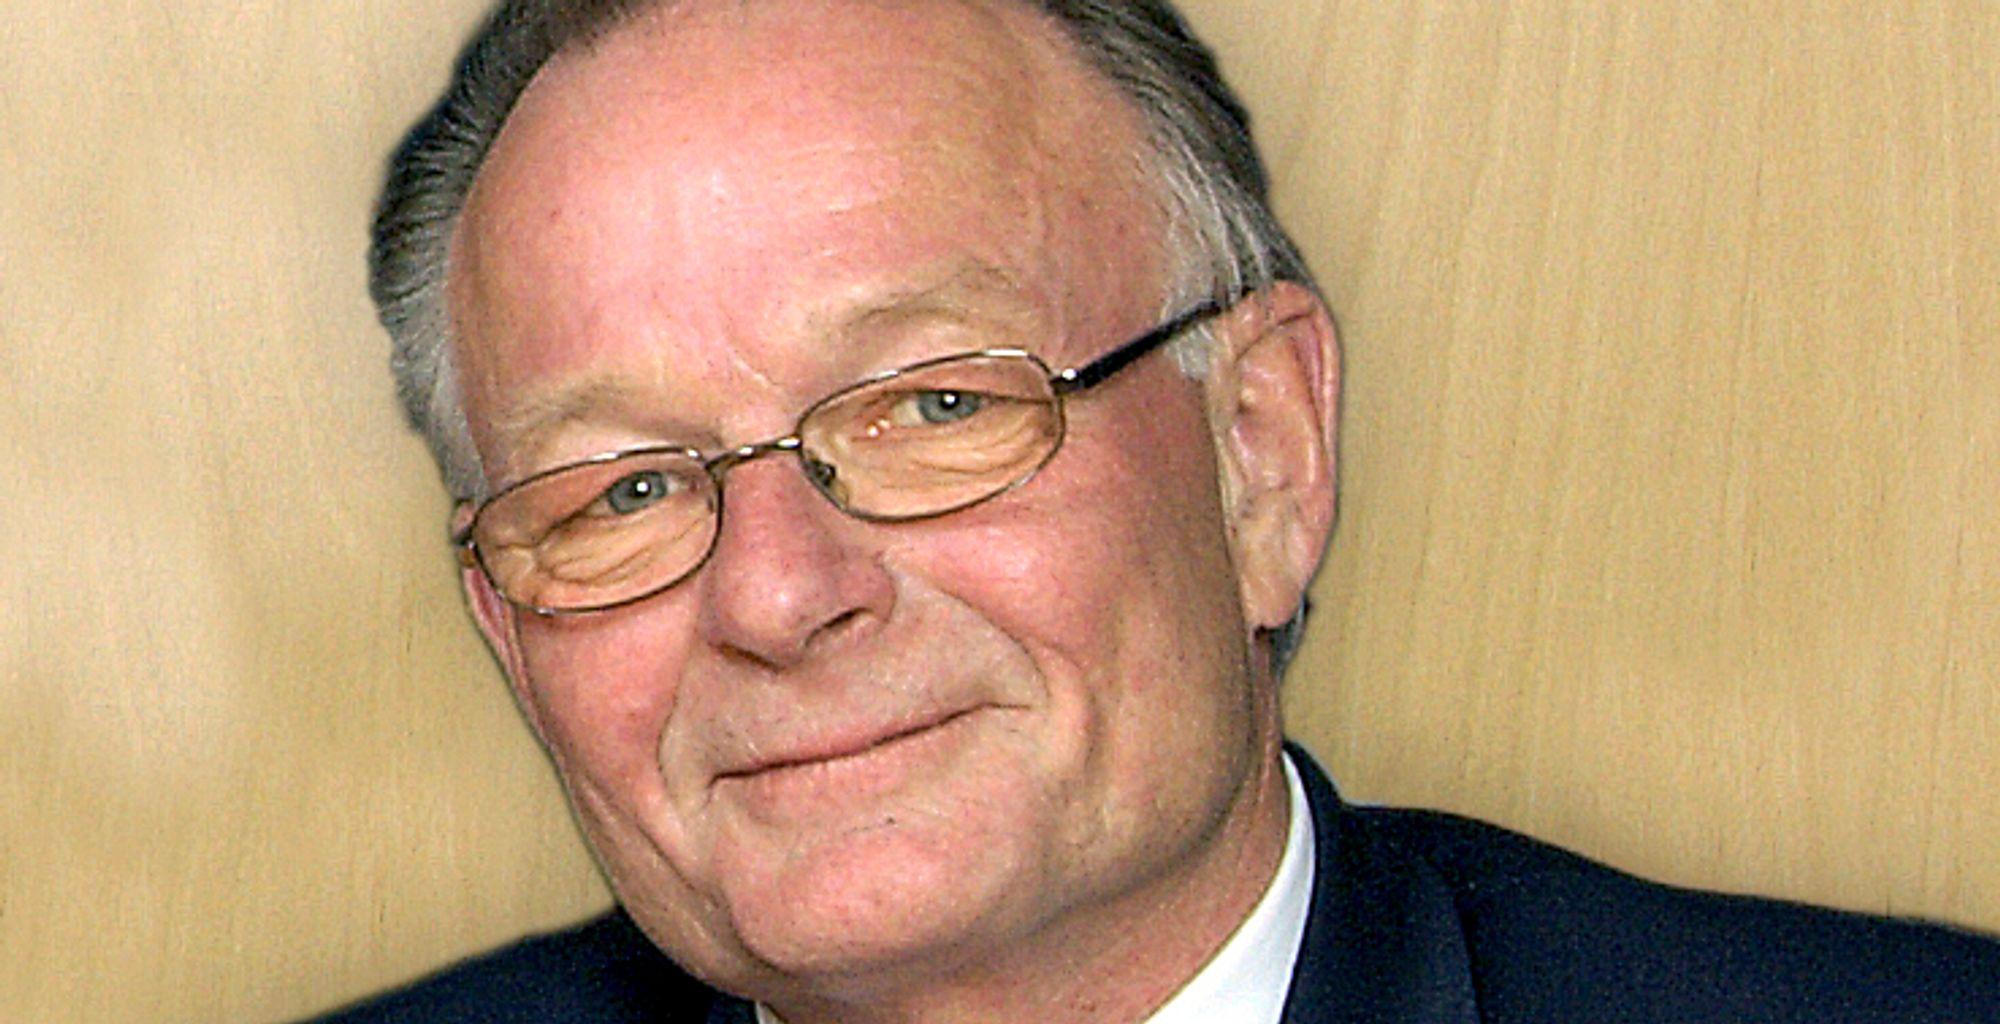 Fungerende sjøfartsdirektør Sigurd Gude ønsker ikke å gå inn på detaljer i saken, men sier at det er «eksepsjonelt uvanlig» å gå til det skritt å avskjedige en ansatt.